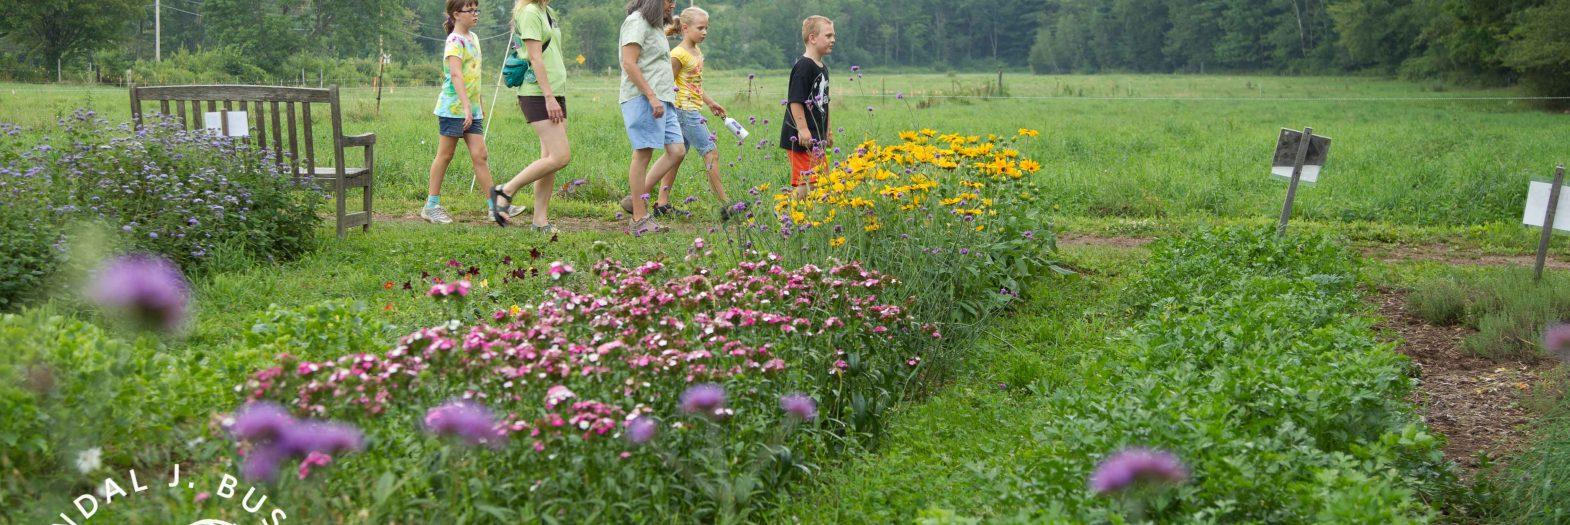 Kids touring the farm